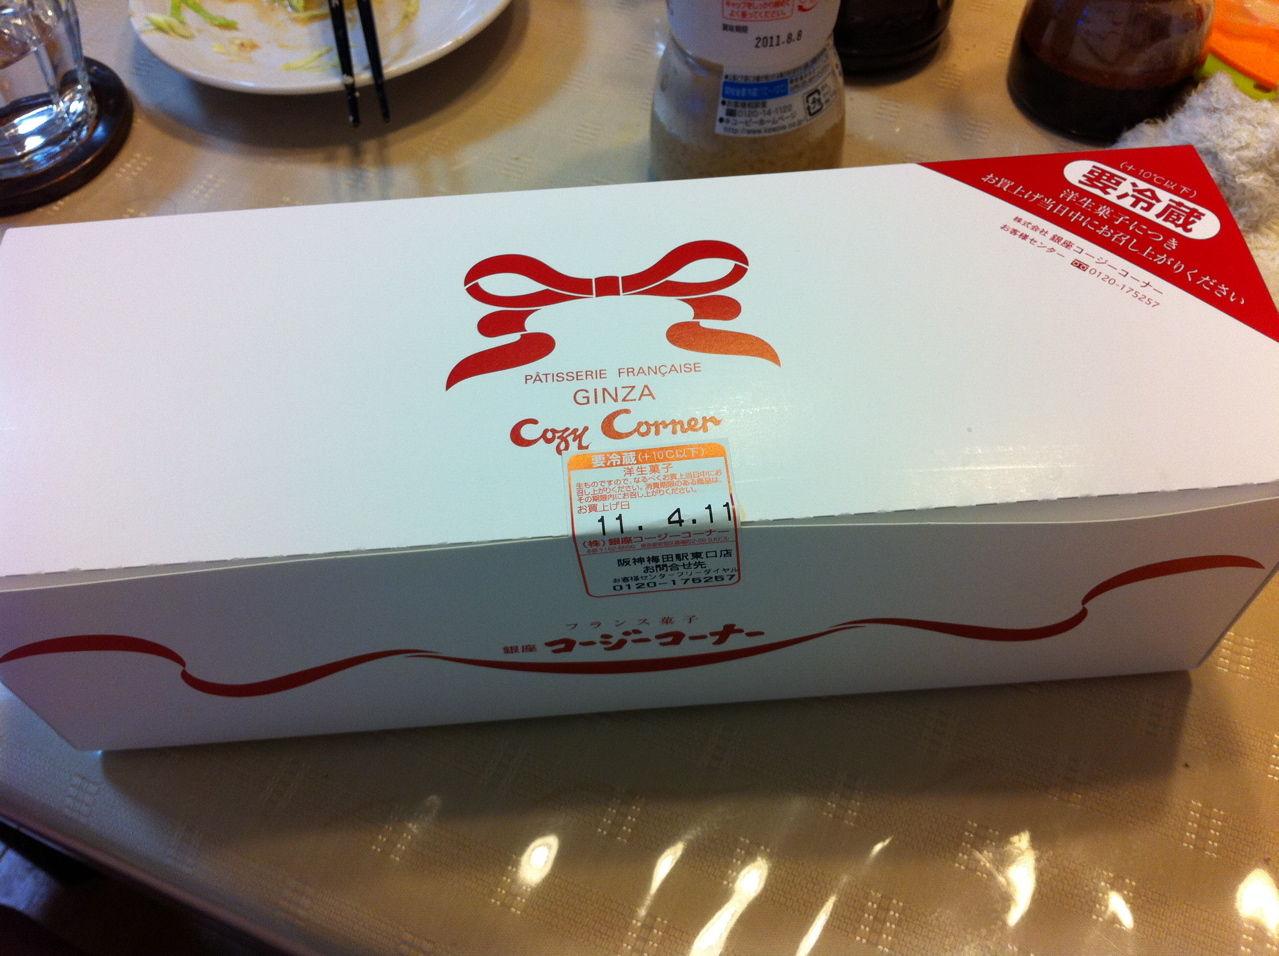 ジャンボシュークリーム5個入り@銀座コージーコーナー